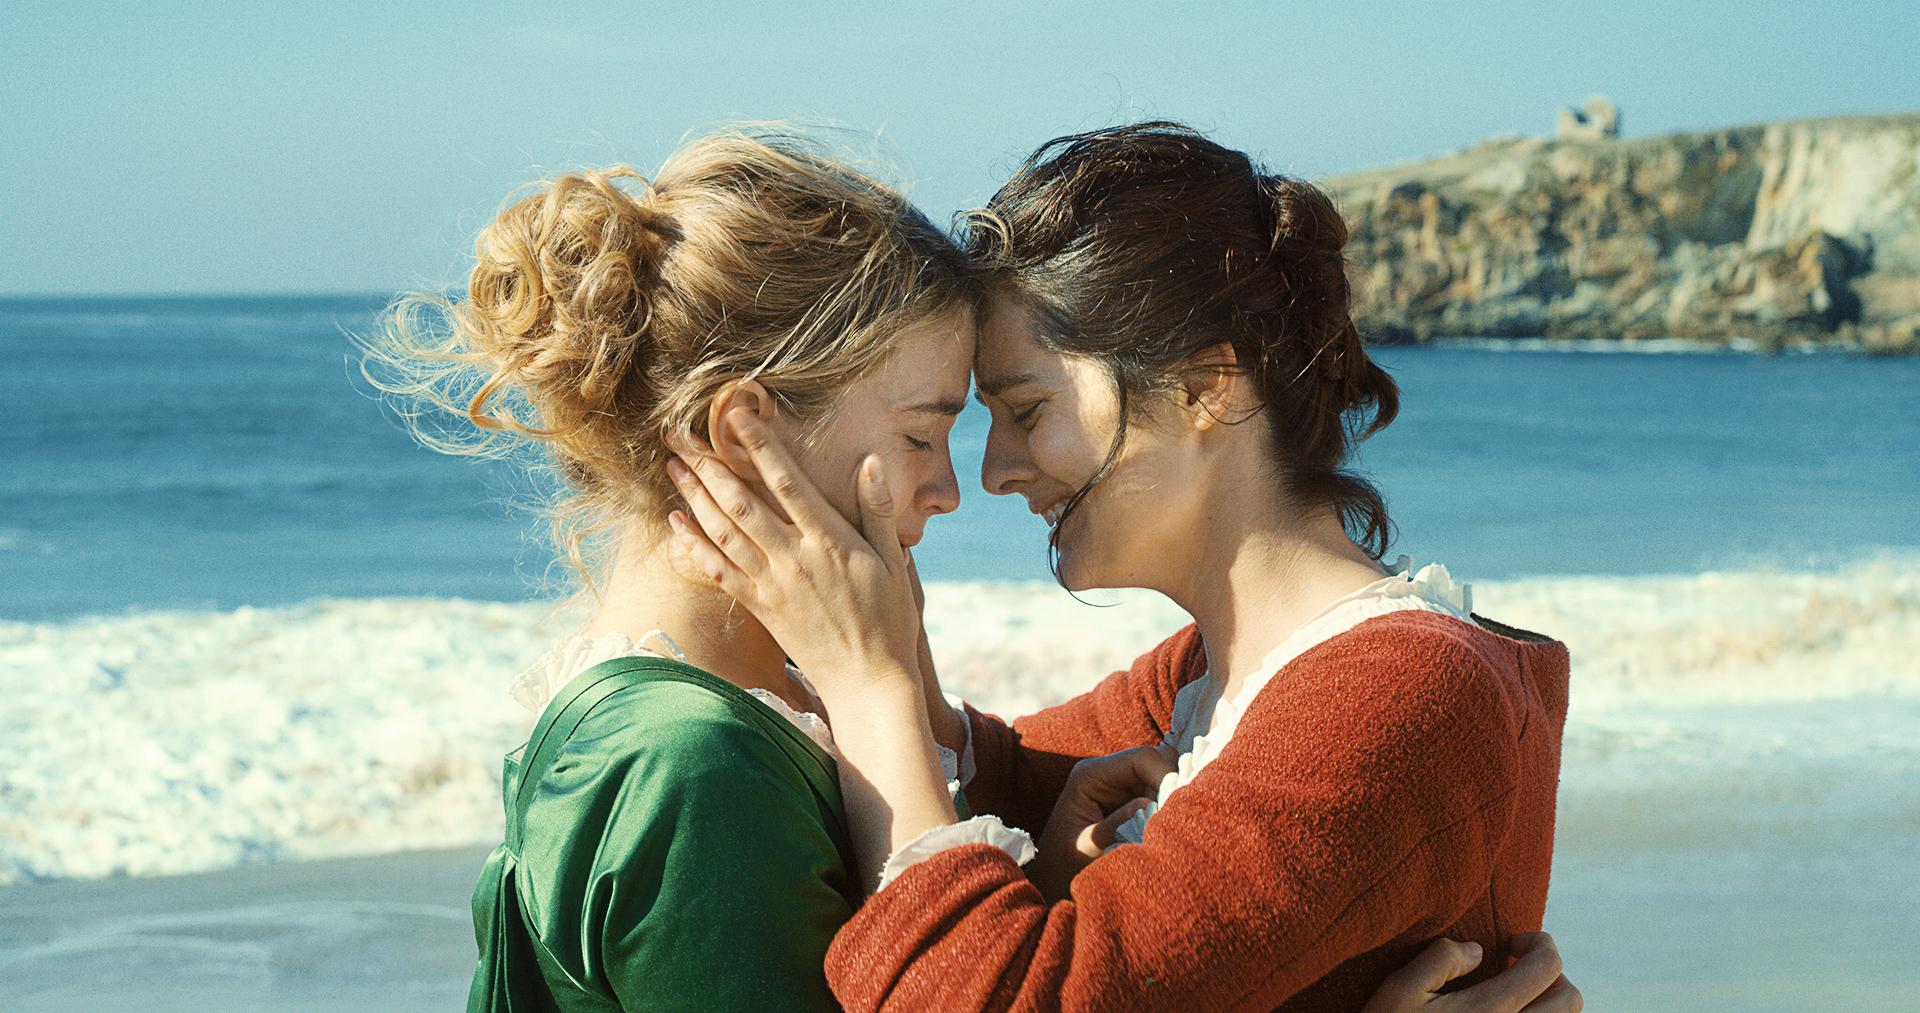 Kiedy kobieta kocha kobietę - rozmowa z reżyserką filmu Portret kobiety w ogniu